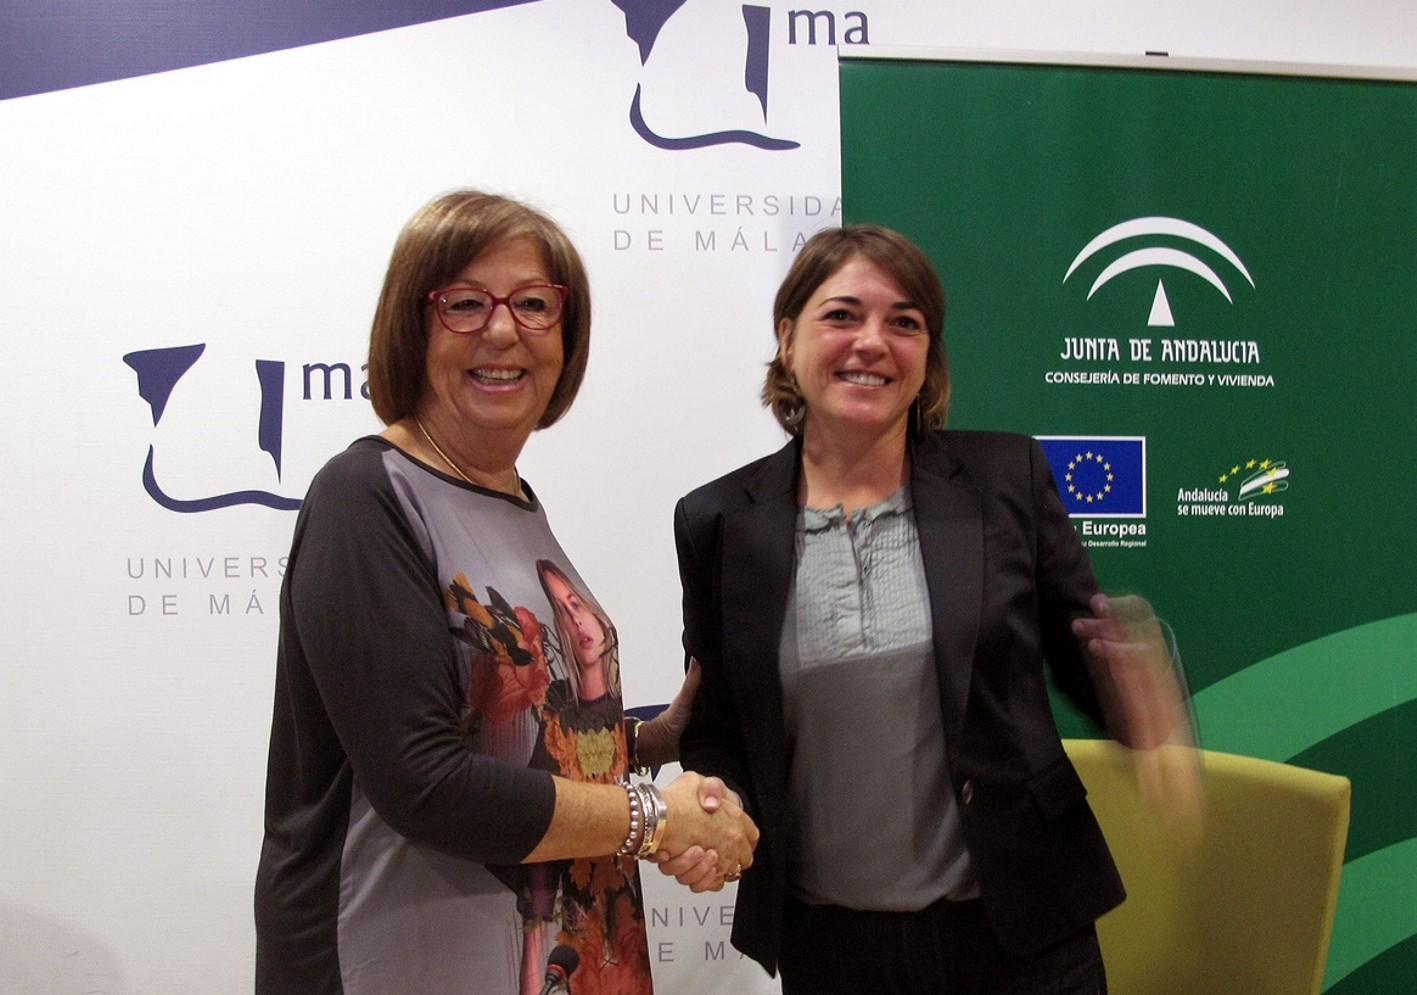 La consejera y la rectora de la UMA, tras la firma del convenio.